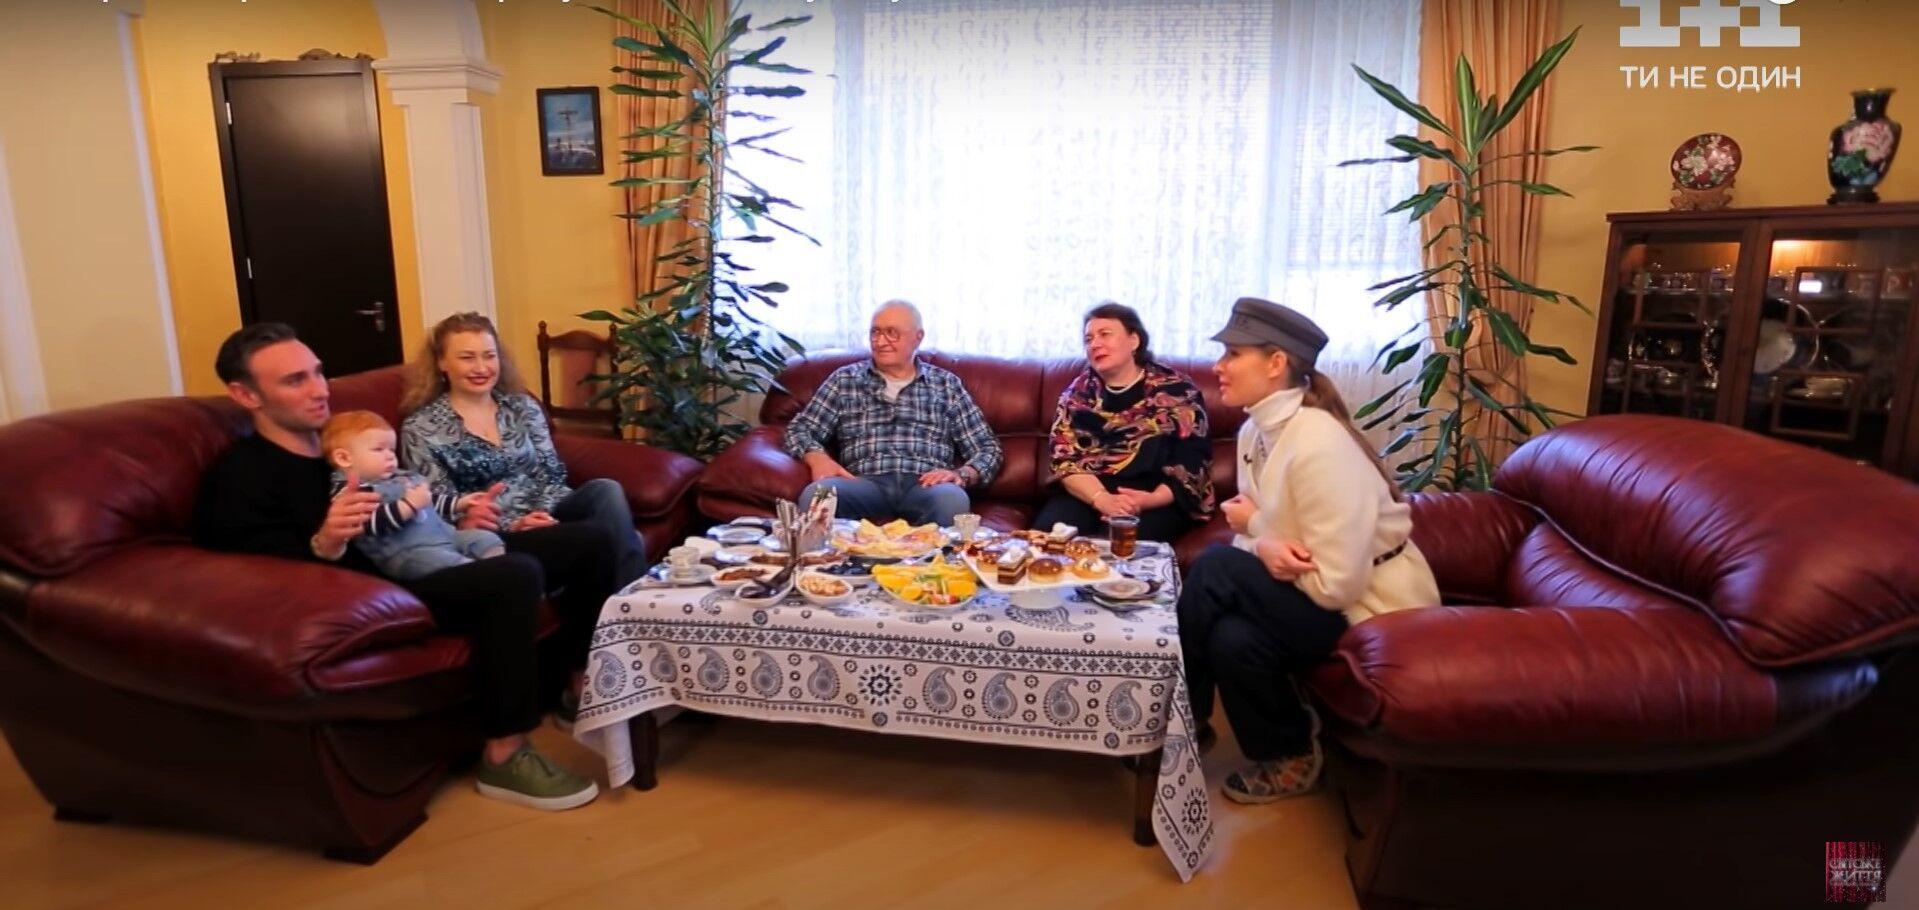 Осадчая побывала в гостях у Макацария.